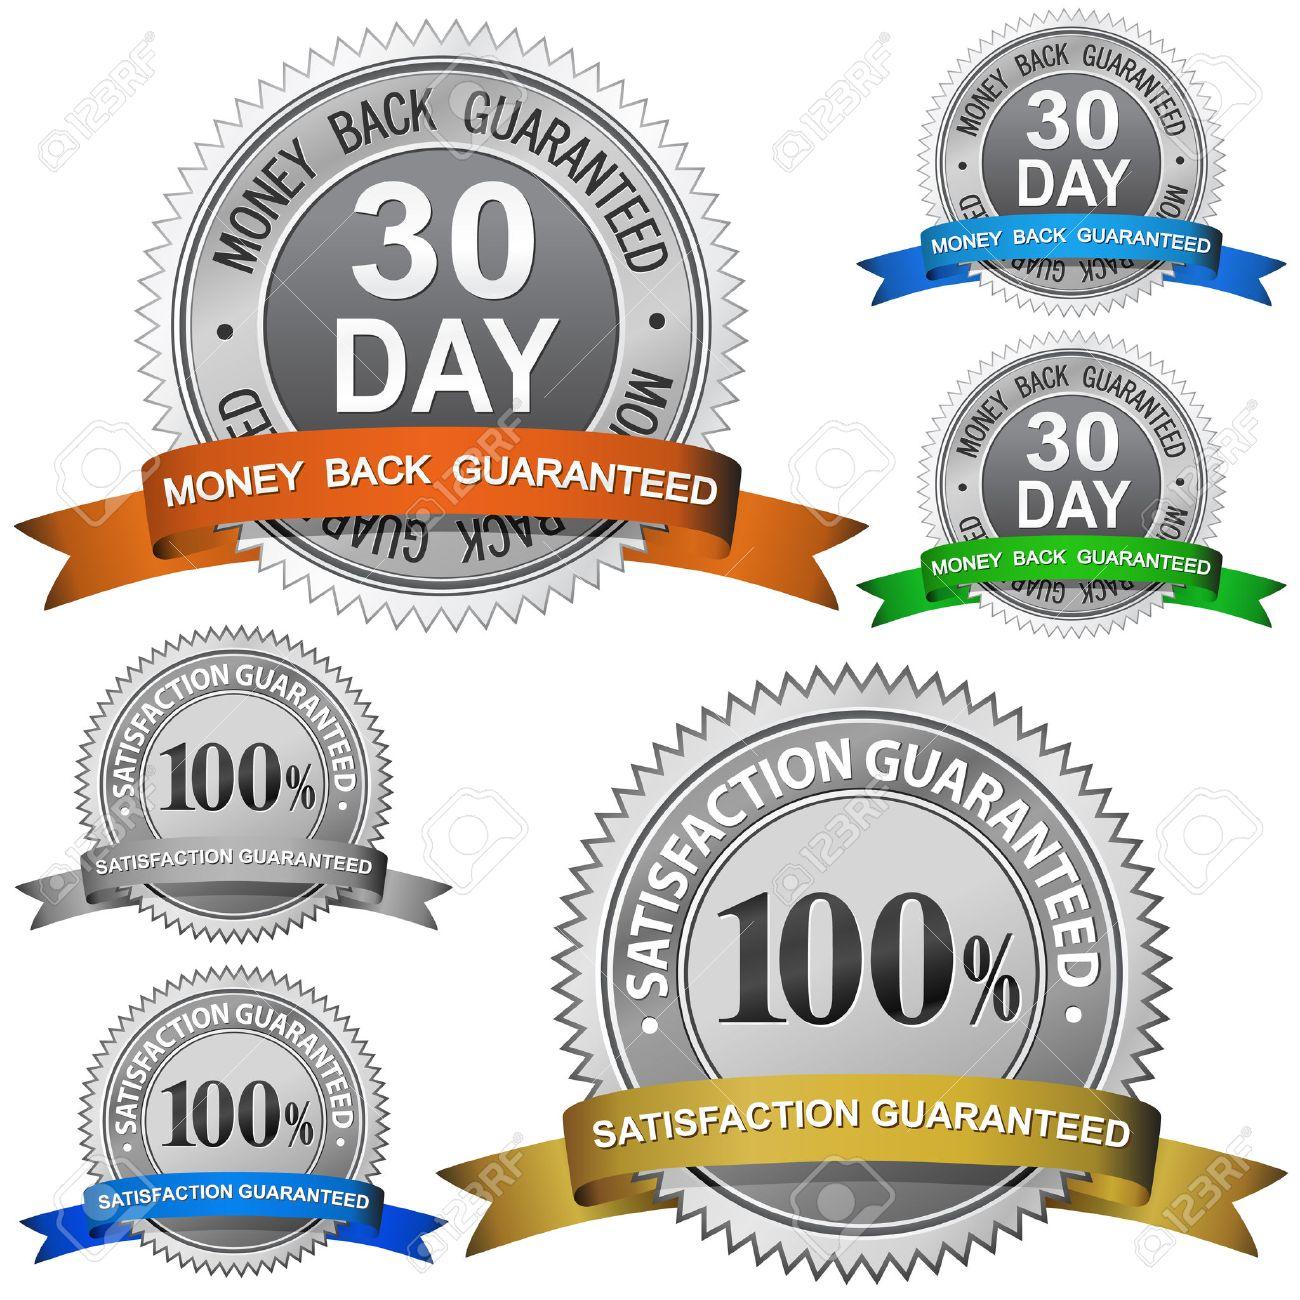 30 Day Money Back Guaranteed and 100% Satisfaction Guaranteed Sign Set Stock Vector - 6358209